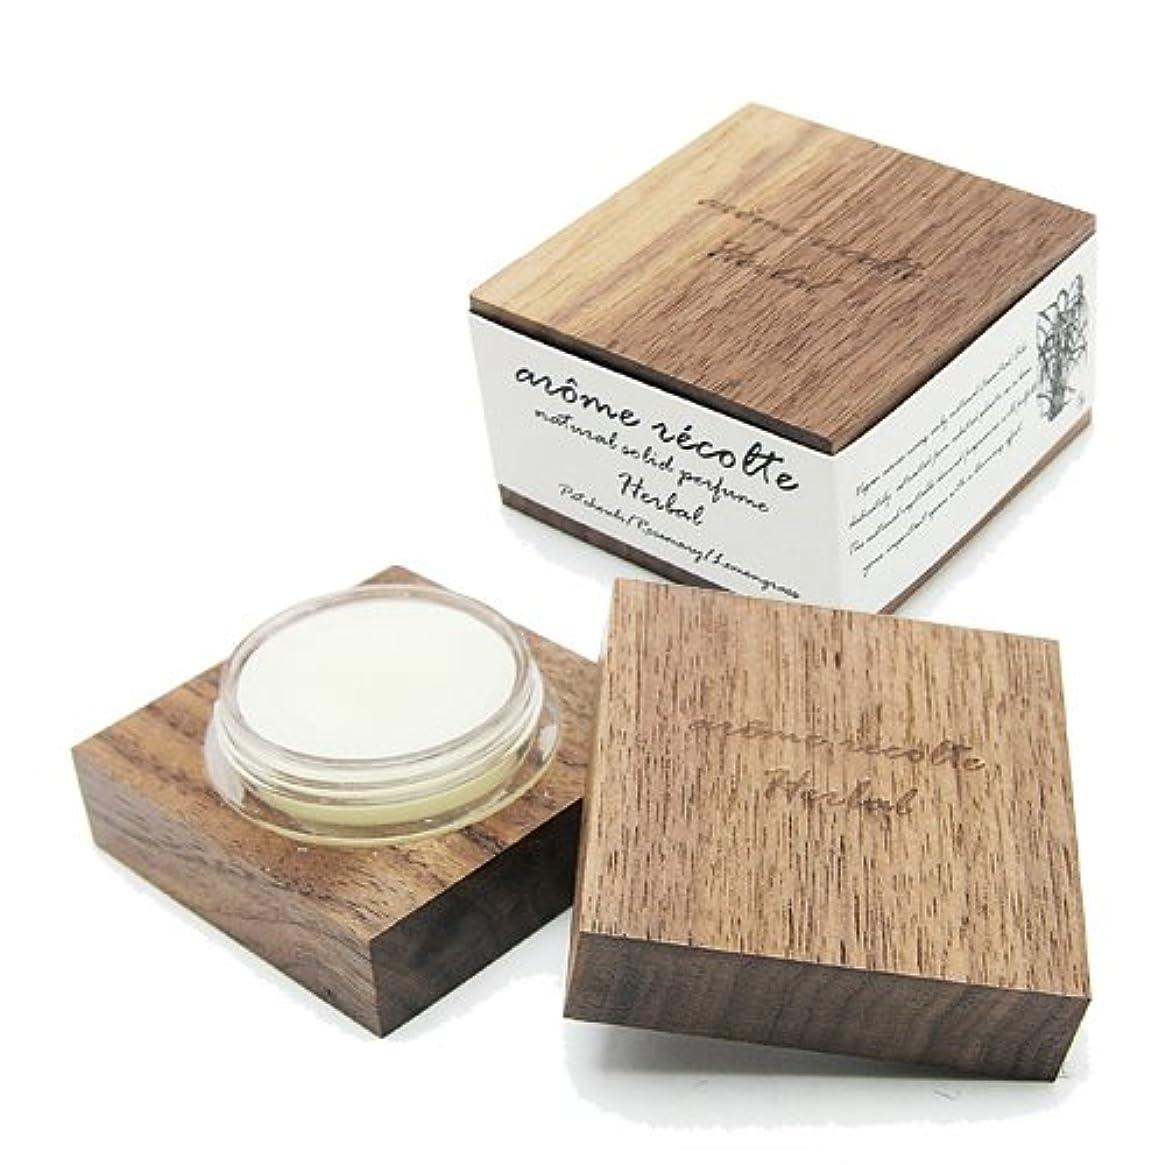 直接に渡って熱帯のアロマレコルト ナチュラル ソリッドパフューム ハーバル Herbal arome recolte 練り香水